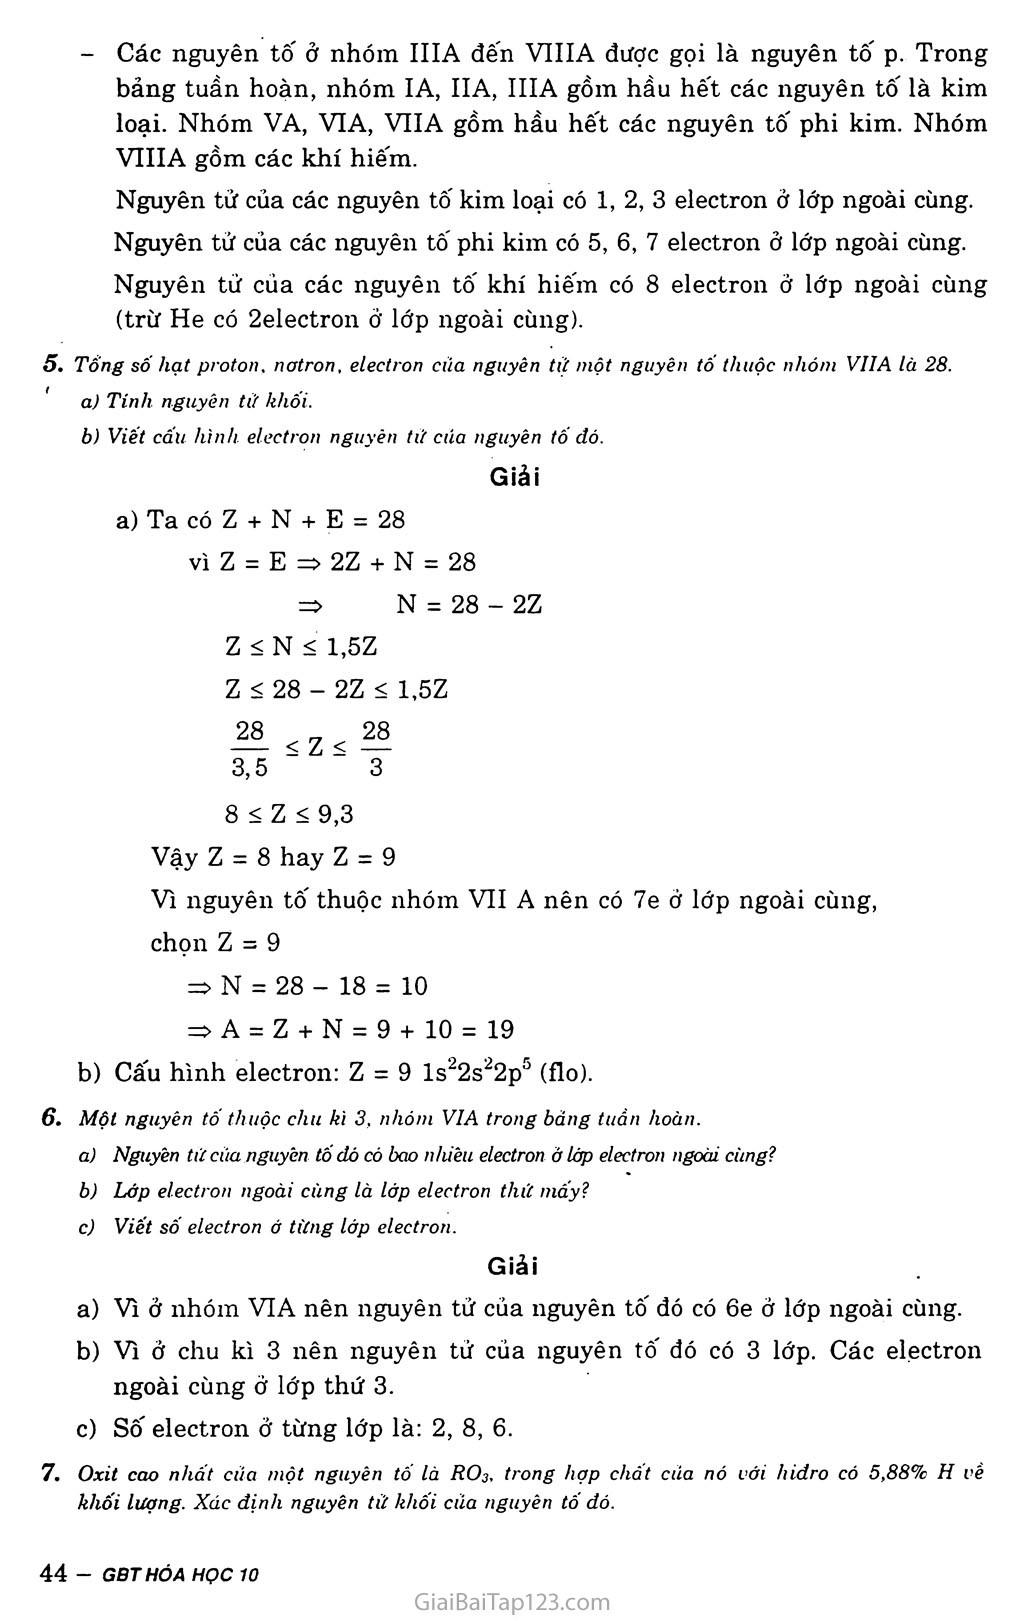 Bài 11: Luyện tập: Bảng tuần hoàn, sự biến đổi tuần hoàn cấu hình electron nguyên tử và tính chất của các nguyên tố hóa học trang 4